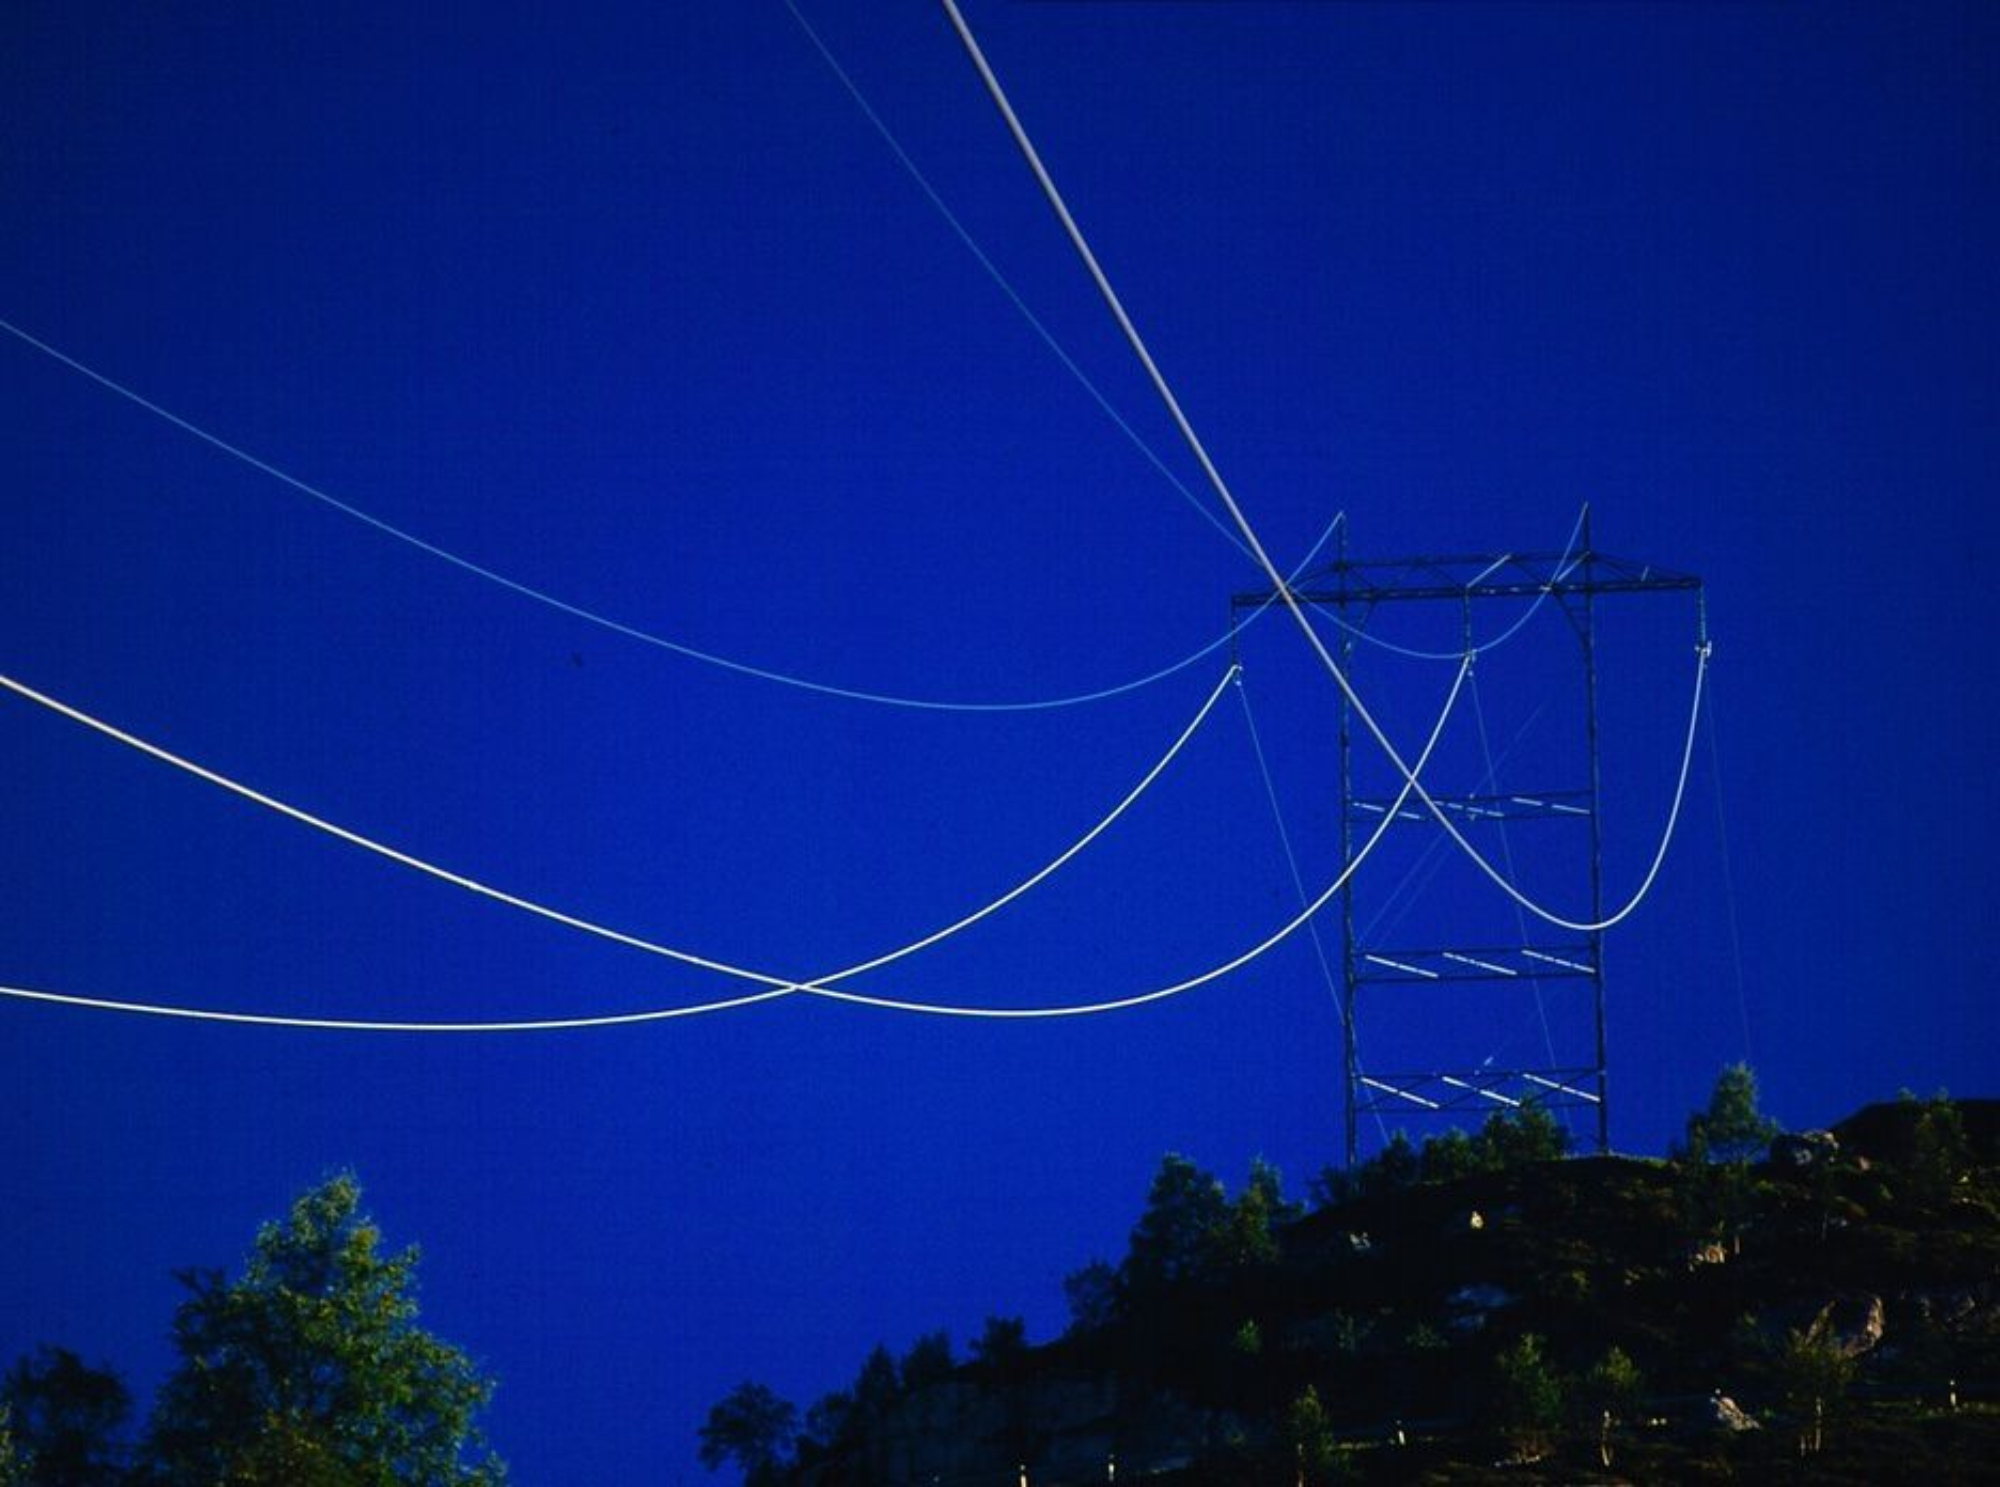 HENGER OG SLENGER: Med dagens fornyelsestakt, vil det ta 100 år før strømnettet blir skiftet ut og modernisert. Ifølge DSB har mange tekniske komponenter i nettet en levetid på 30-50 år. De frykter at menneskeliv kan gå tapt ved lengre strømavbrudd.